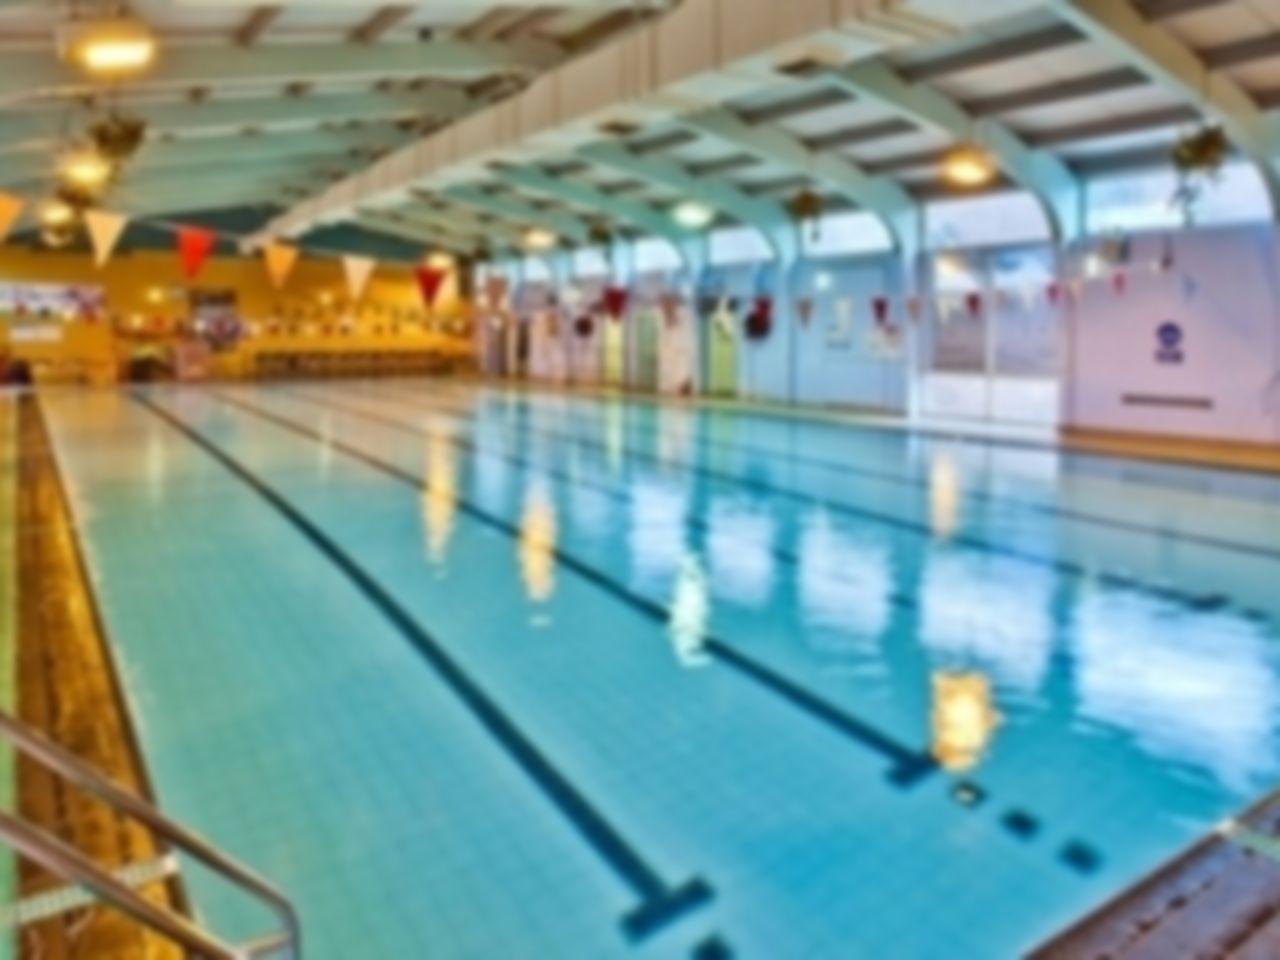 graves tennis leisure centre flexible gym passes s8 sheffield